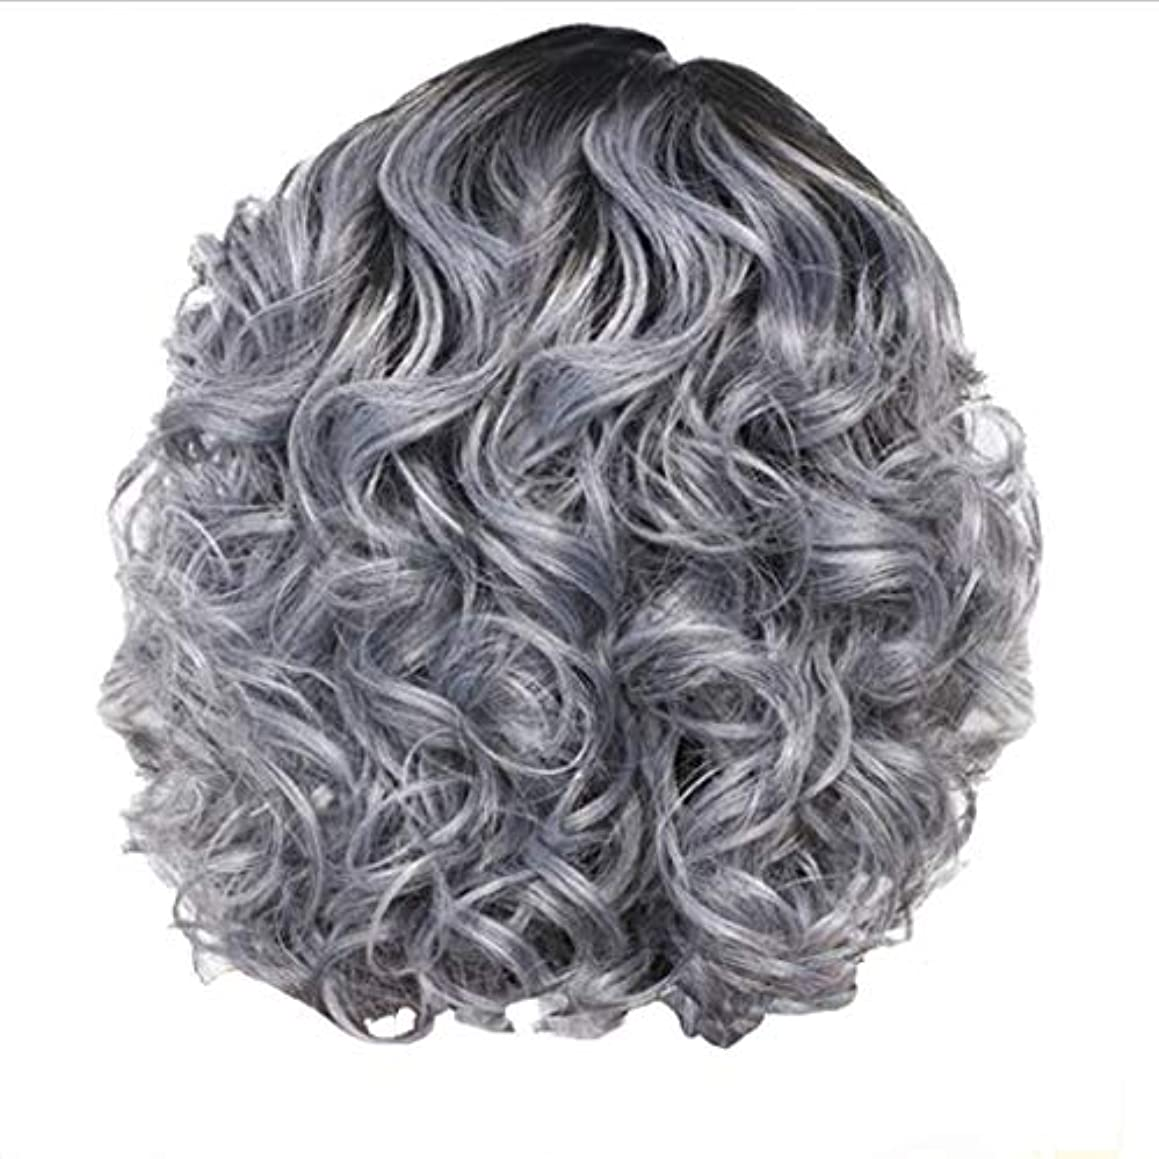 藤色刺激する残り物かつら女性の短い巻き毛シルバーグレーレトロ巻き毛ネット30 cm